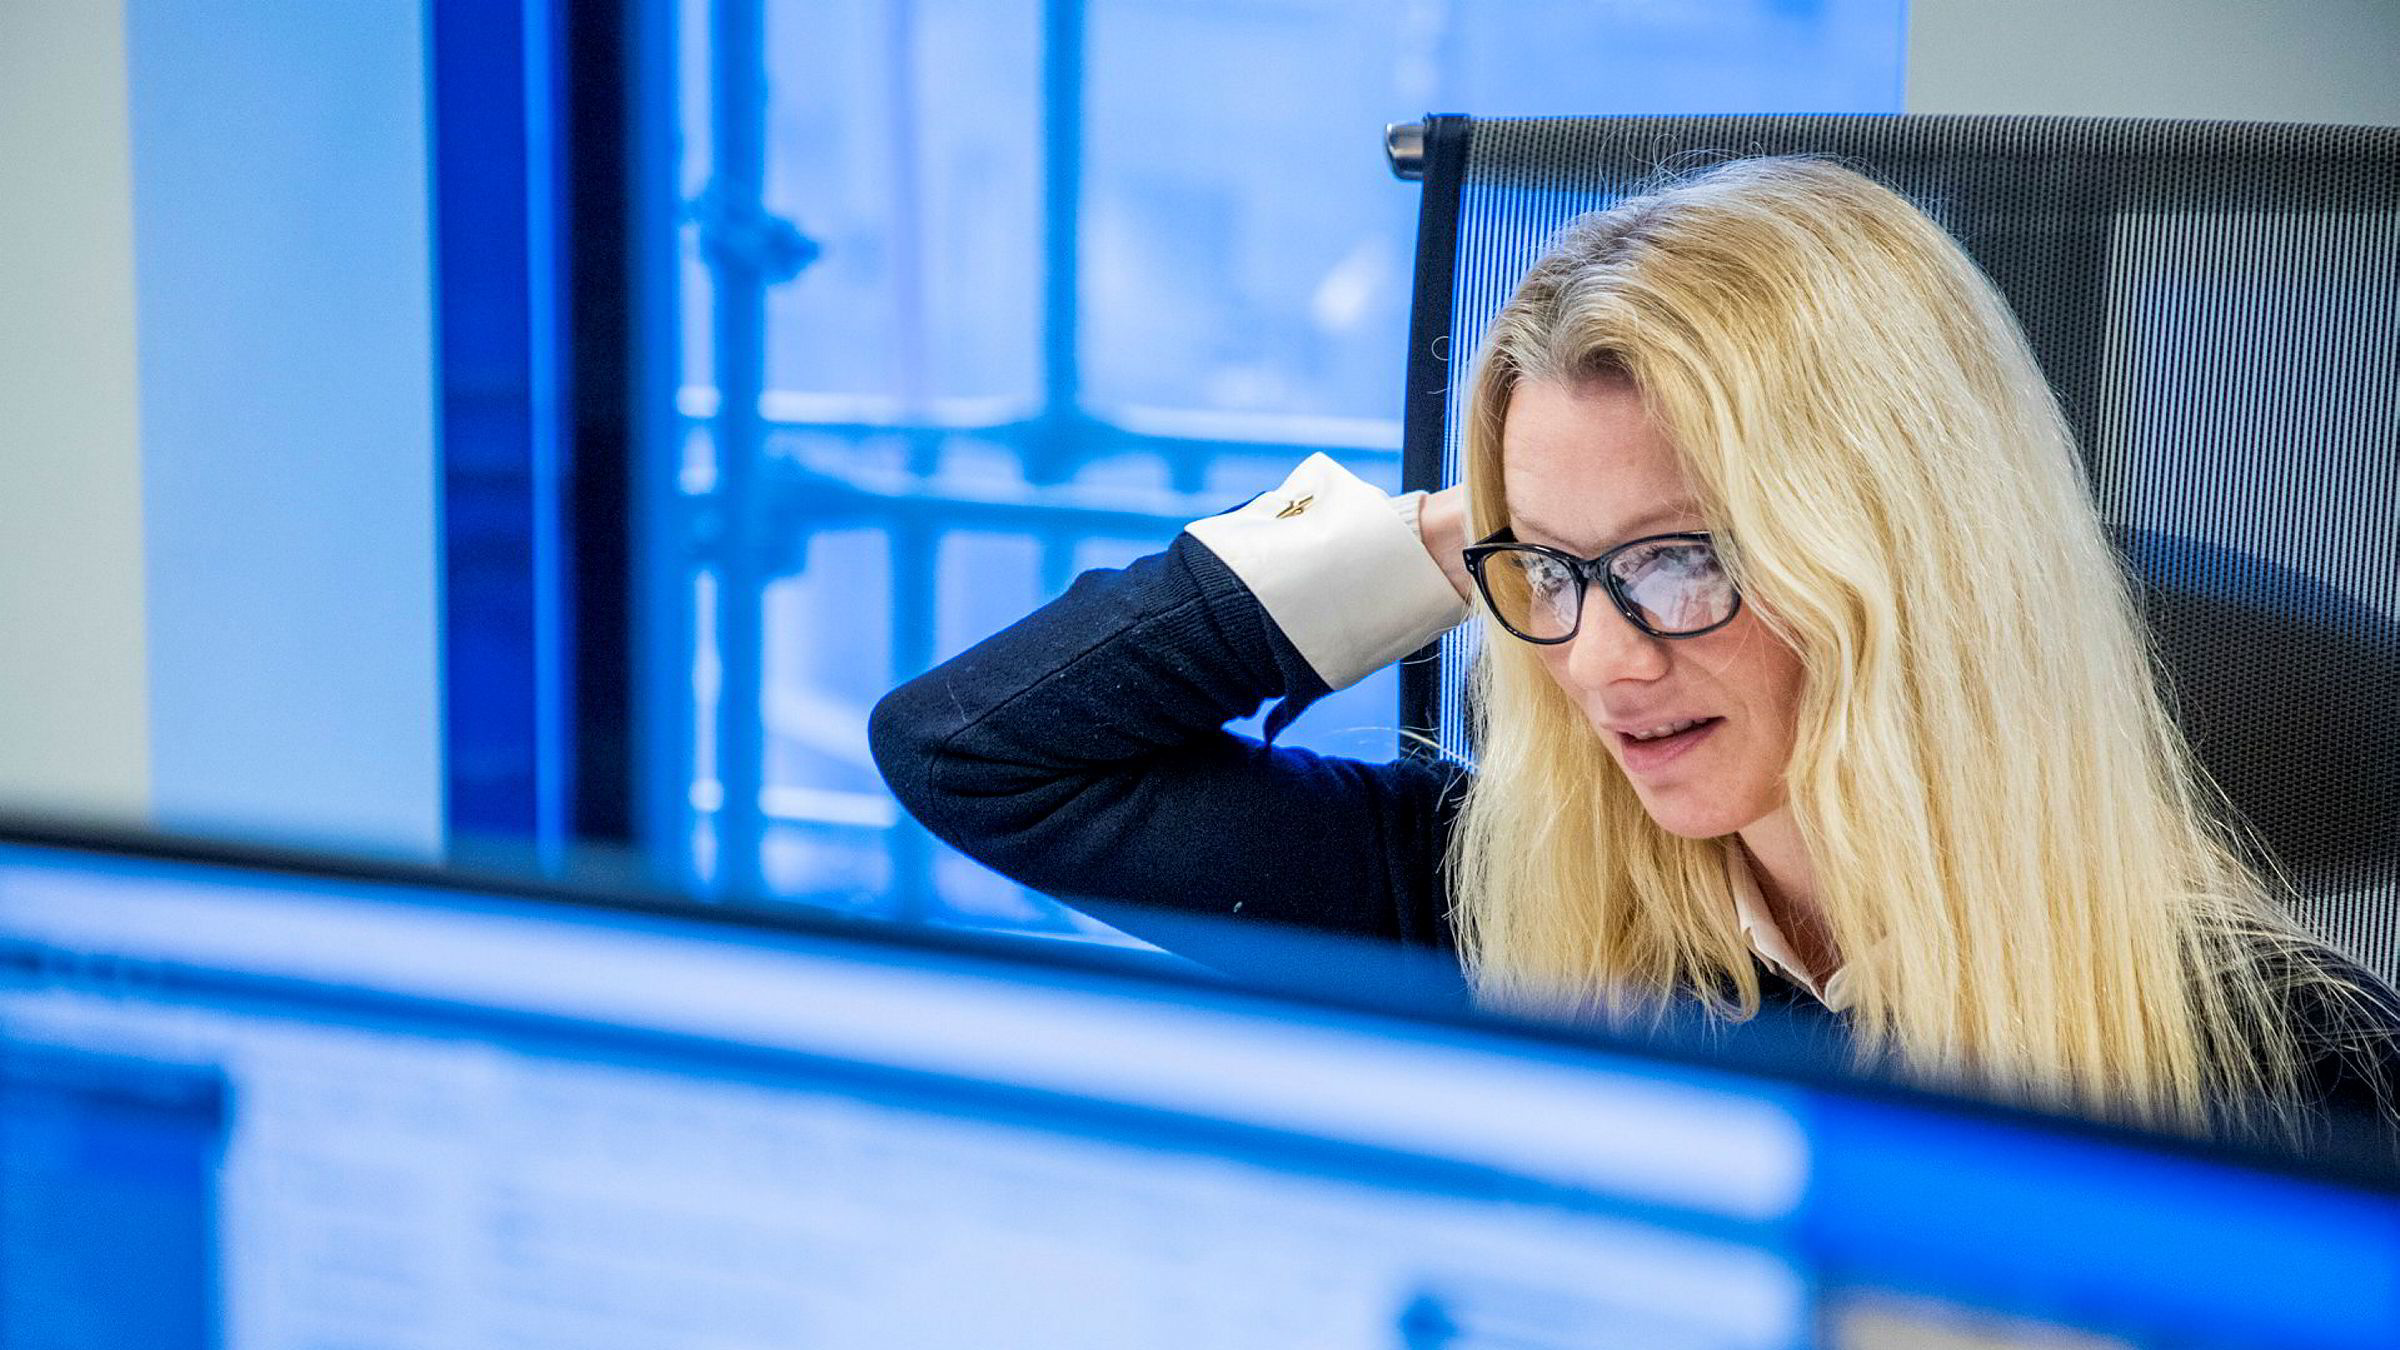 Klokken har akkurat passert 09.00. Sjeføkonom Kari Due-Andresen i Handelsbanken reagerer på nedgangen da Oslo Børs åpnet.